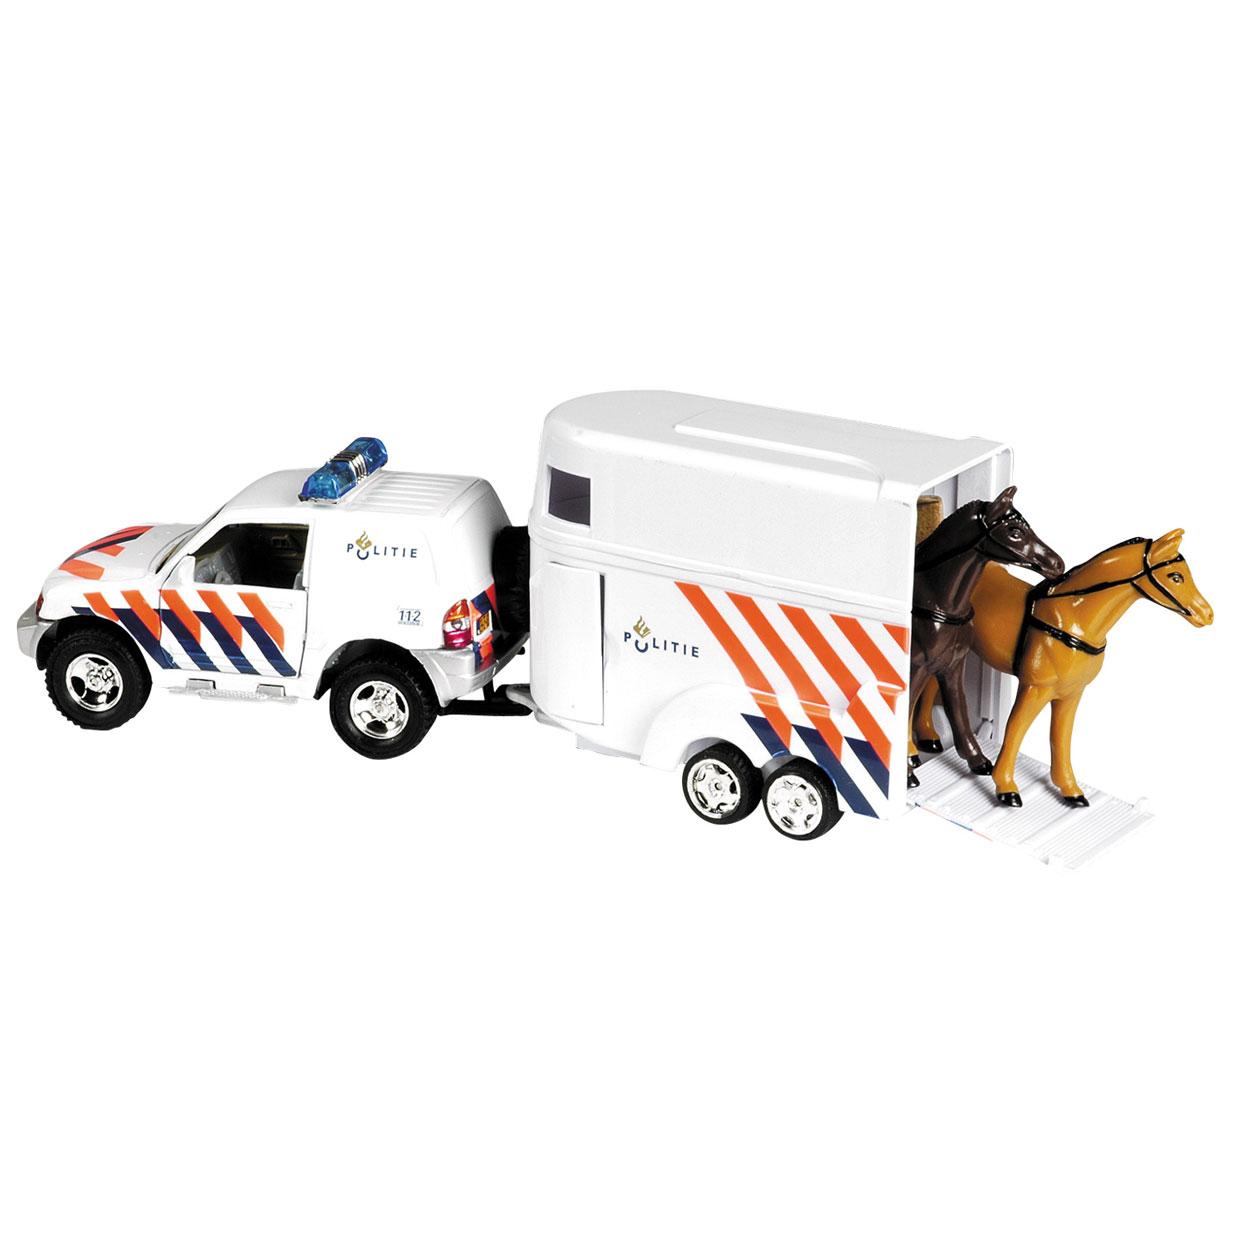 Politieauto Met Paardentrailer Online Kopen Lobbes Nl